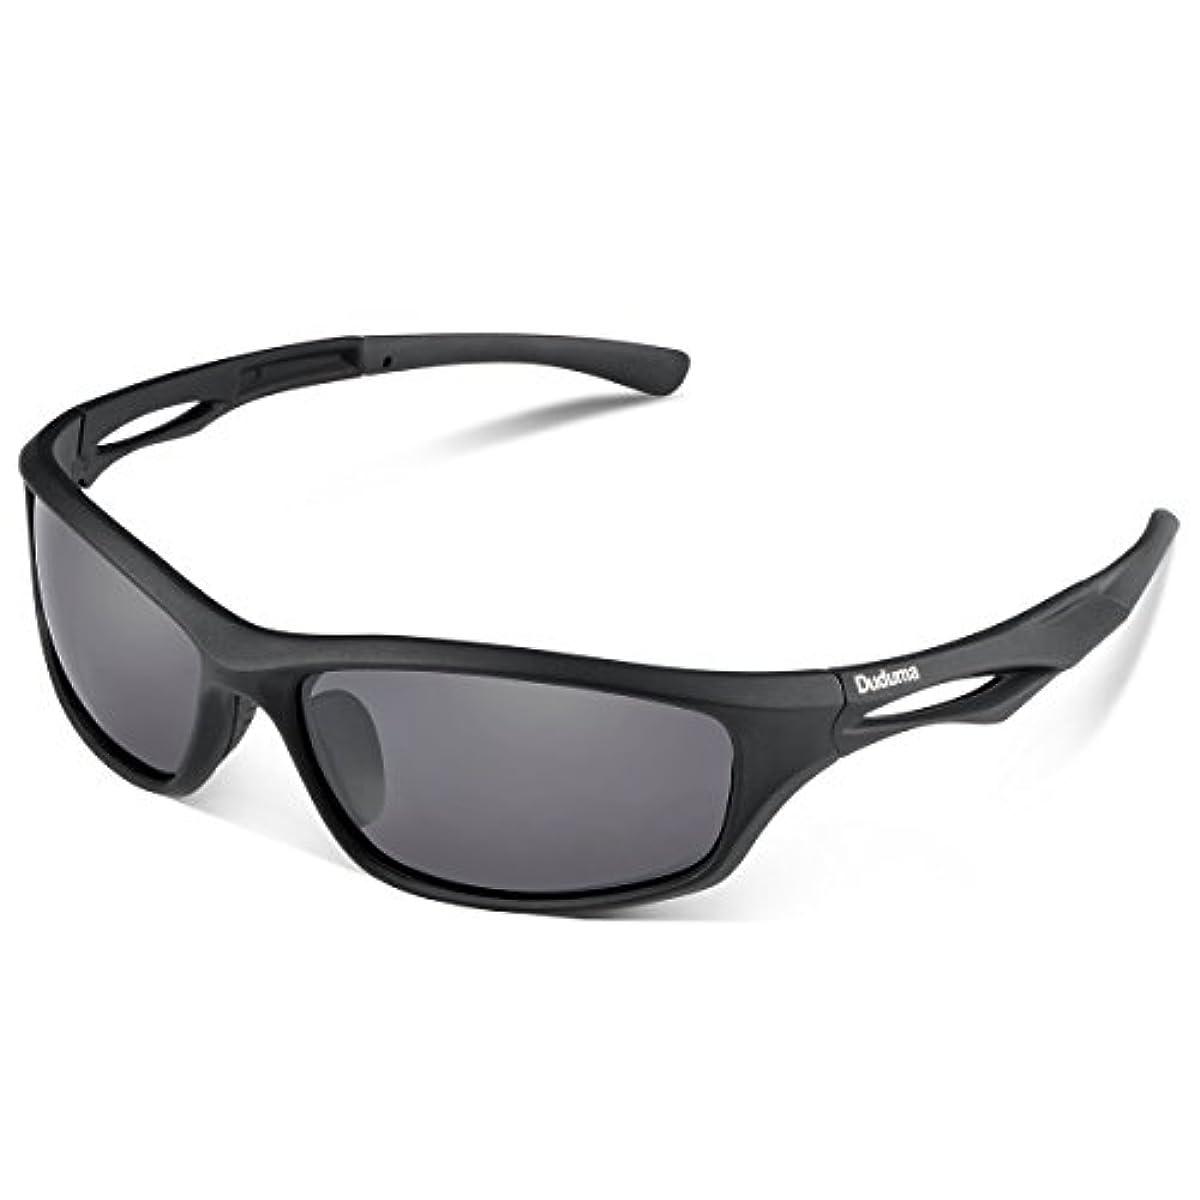 [해외] DUDUMA 편광 렌즈 맨즈 스포츠 썬글라스 초경량 UV400 자외선을 컷 스포츠 썬글라스/ 자전거/낚시/야구/테니스/골프/스키/런닝/드라이어이브 TR90